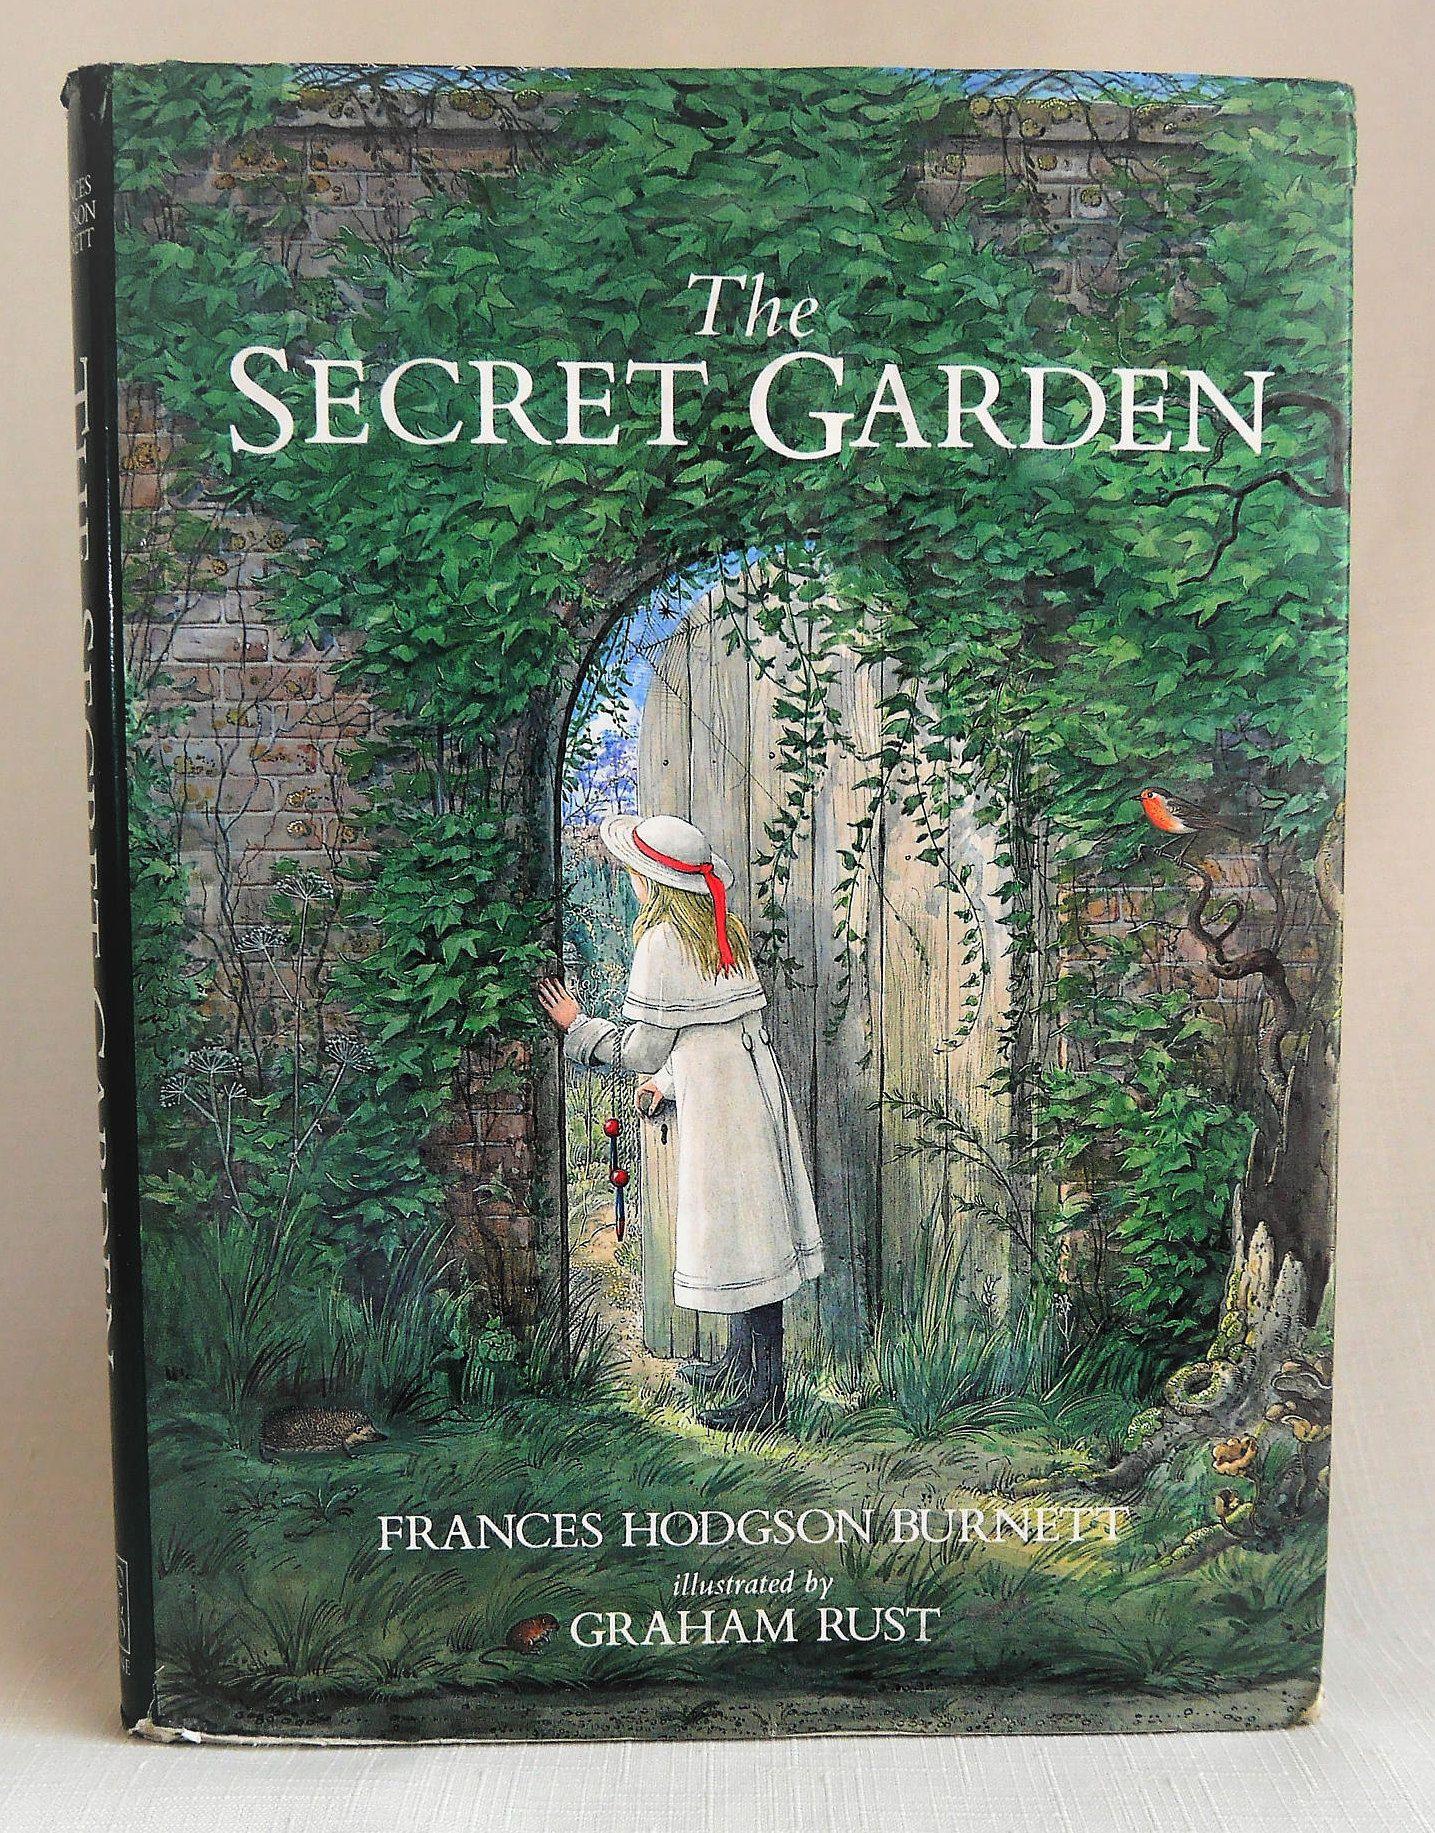 21 Life Lessons From 'The Secret Garden' Garden